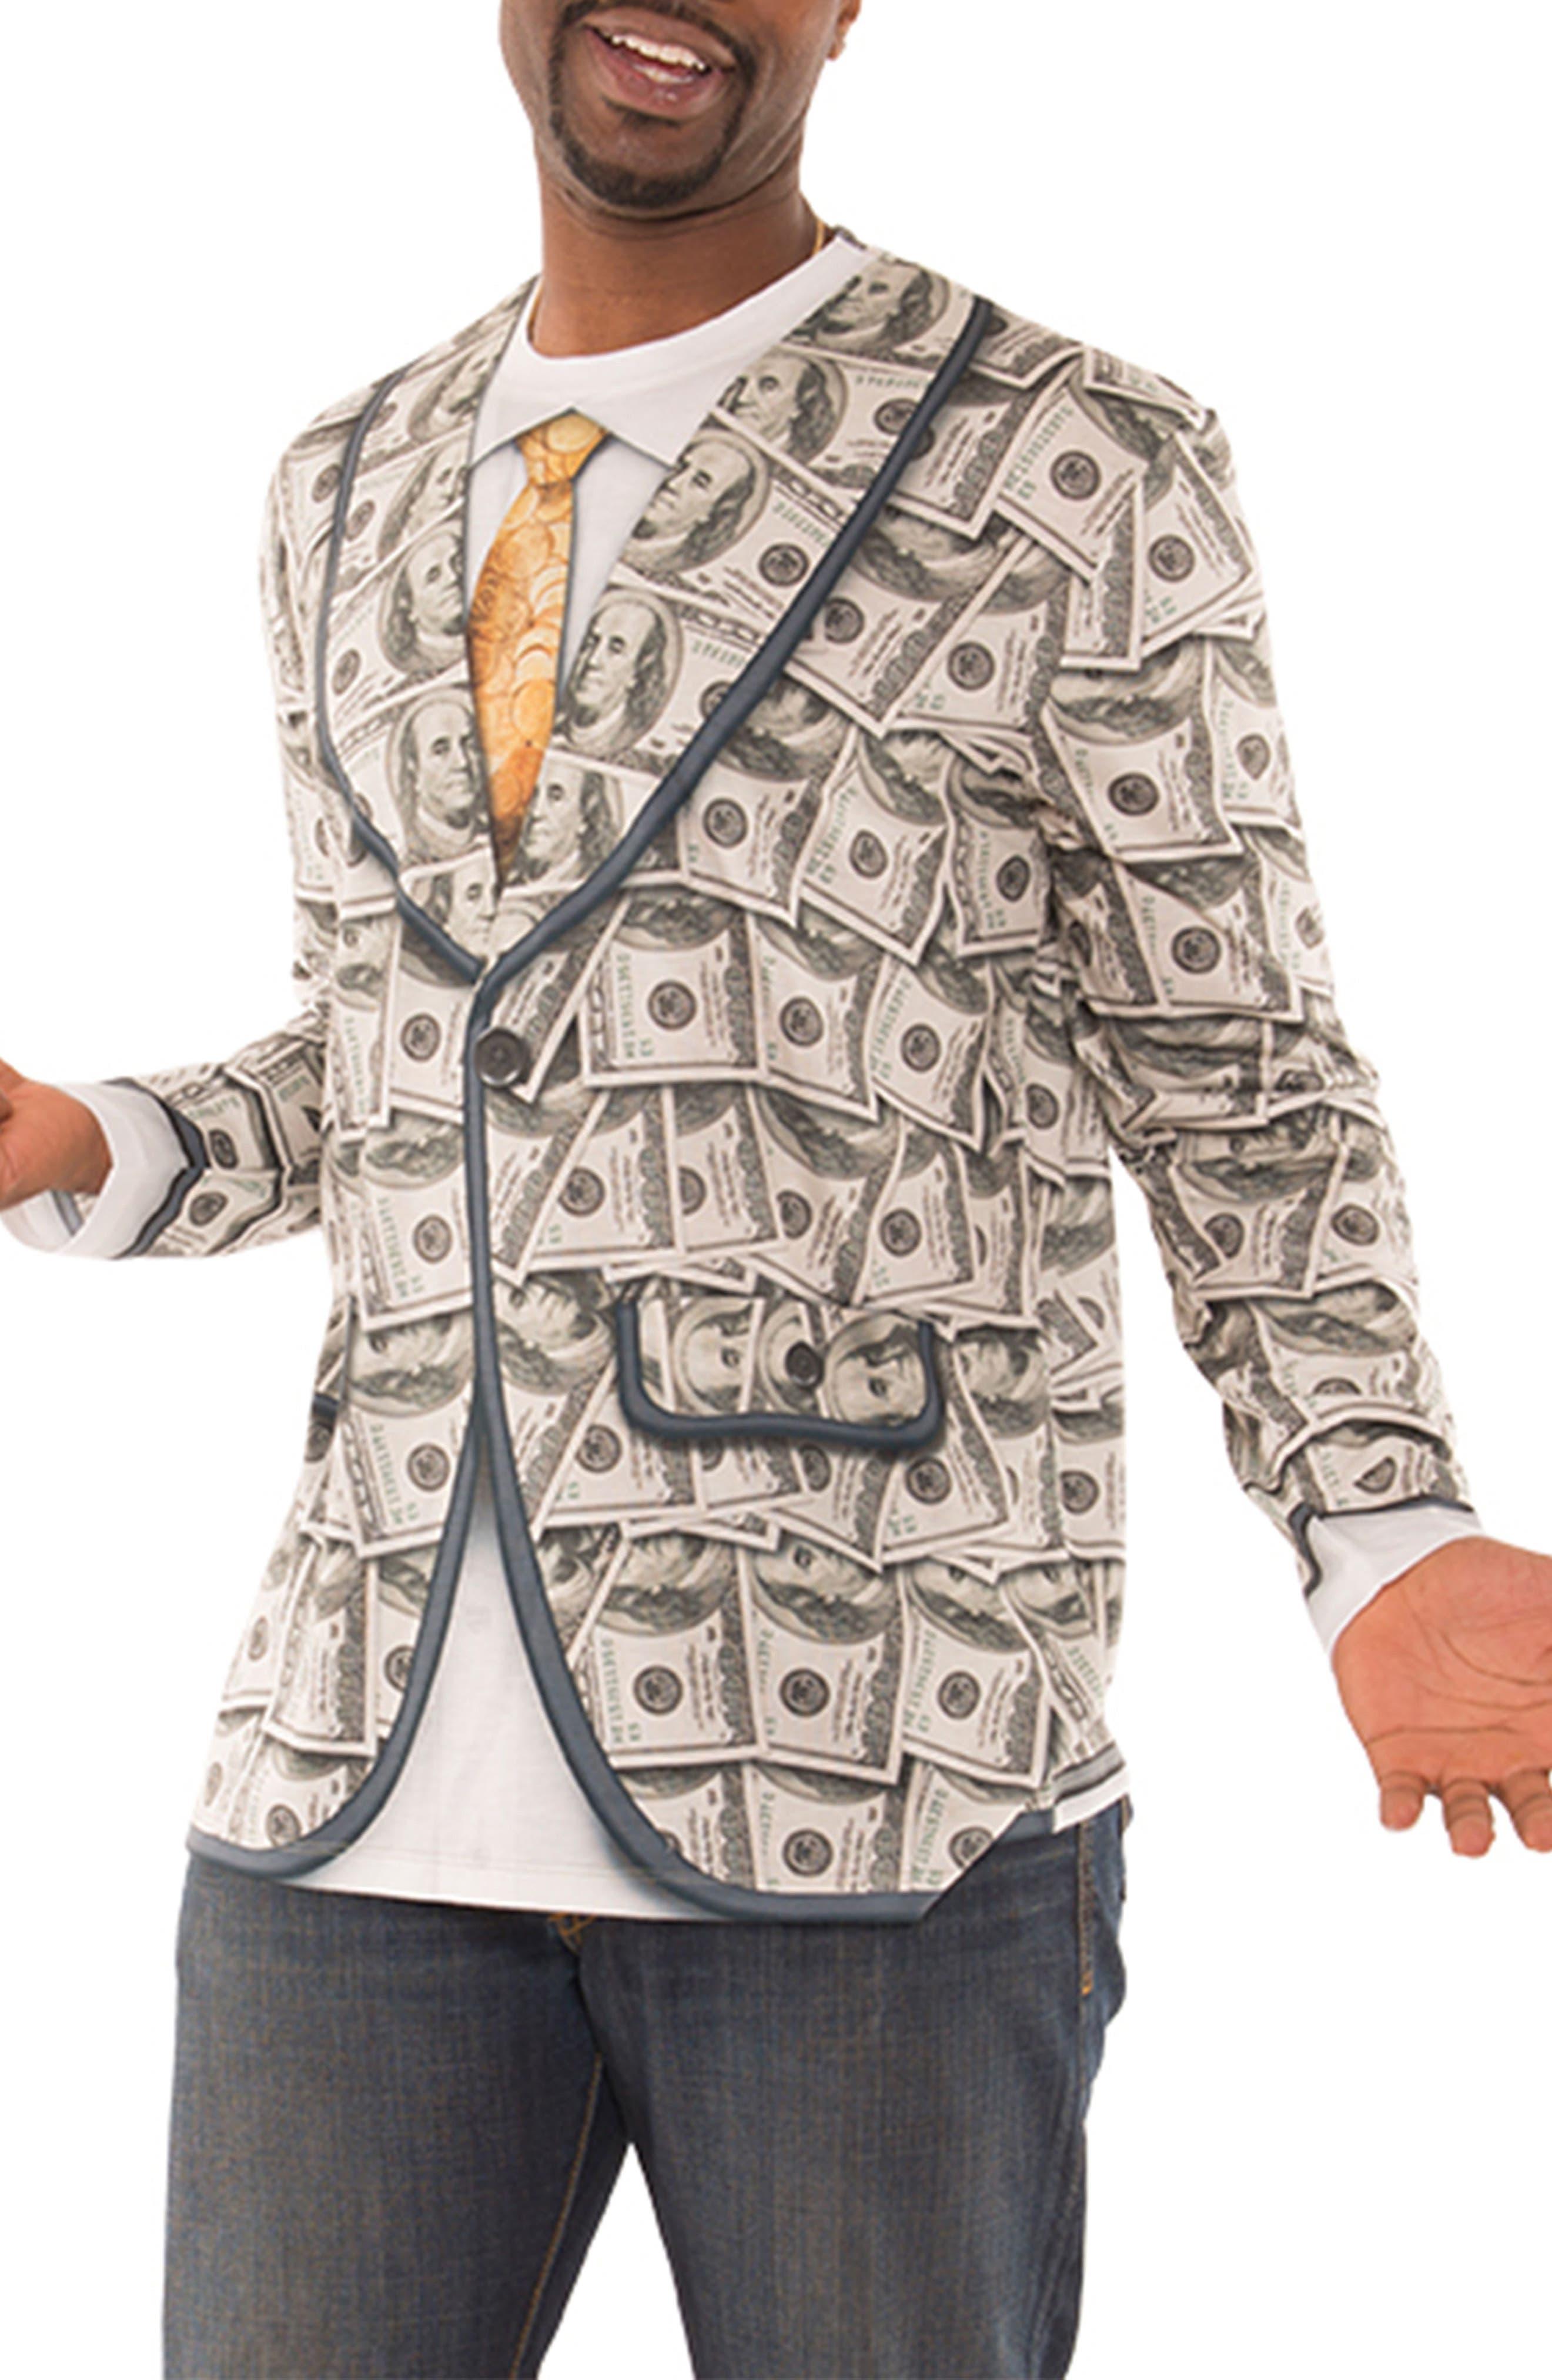 Faux Real Money Suit Costume T-Shirt (Men)